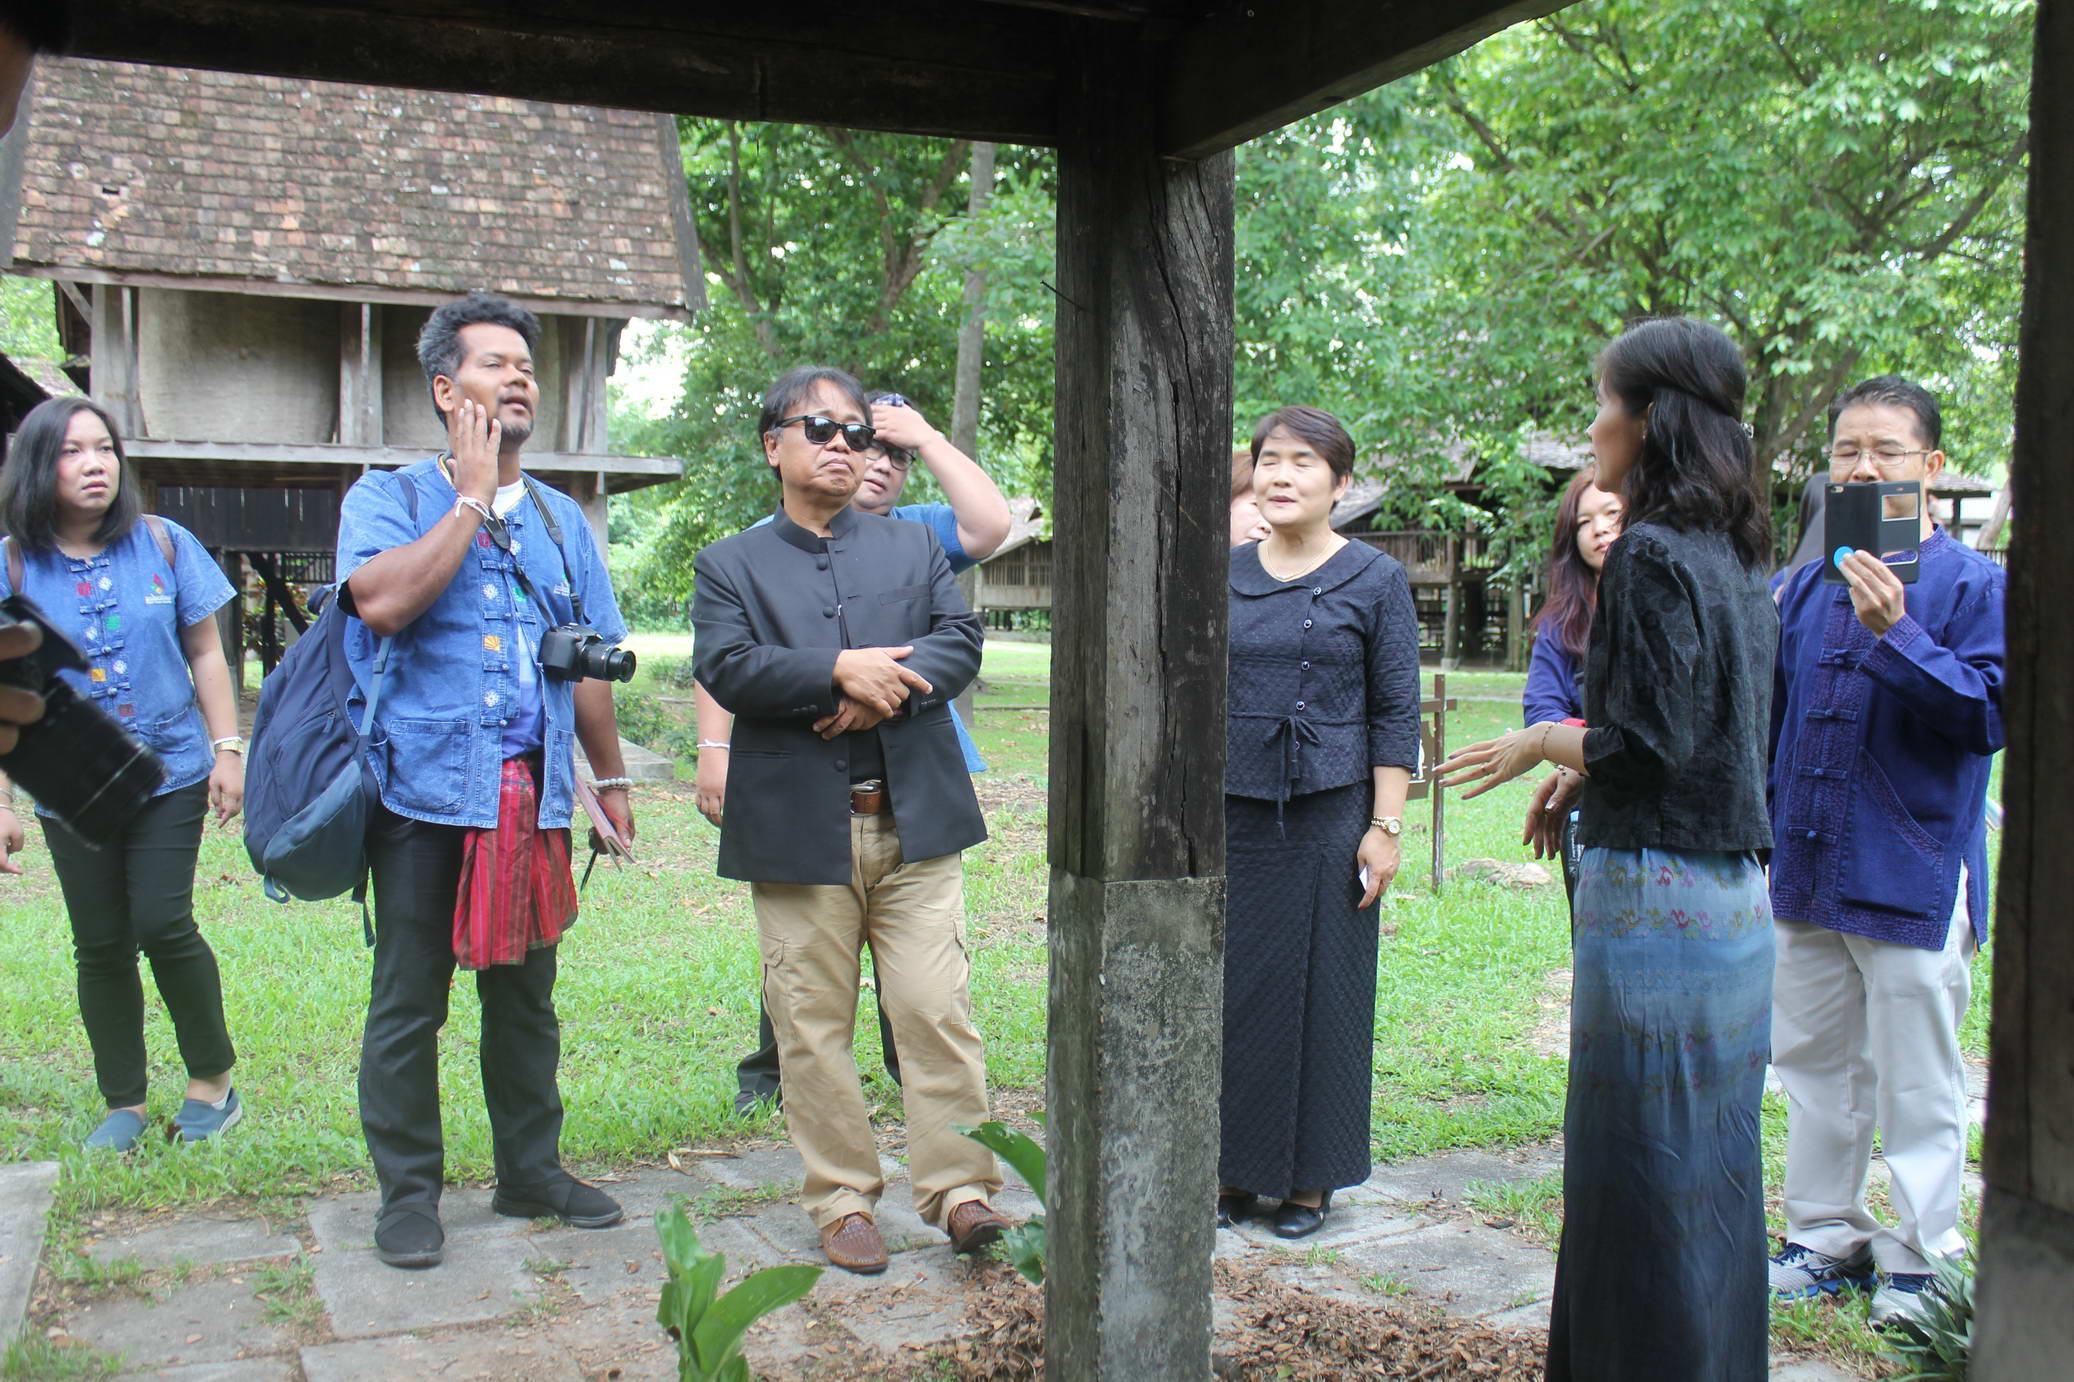 สำนักส่งเสริมศิลปวัฒนธรรม มช. จับมือ ศูนย์วัฒนธรรม มข.  ลงนาม MOU ดำเนินงานด้านการบริหารจัดการและการทำนุบำรุงศิลปวัฒนธรรม